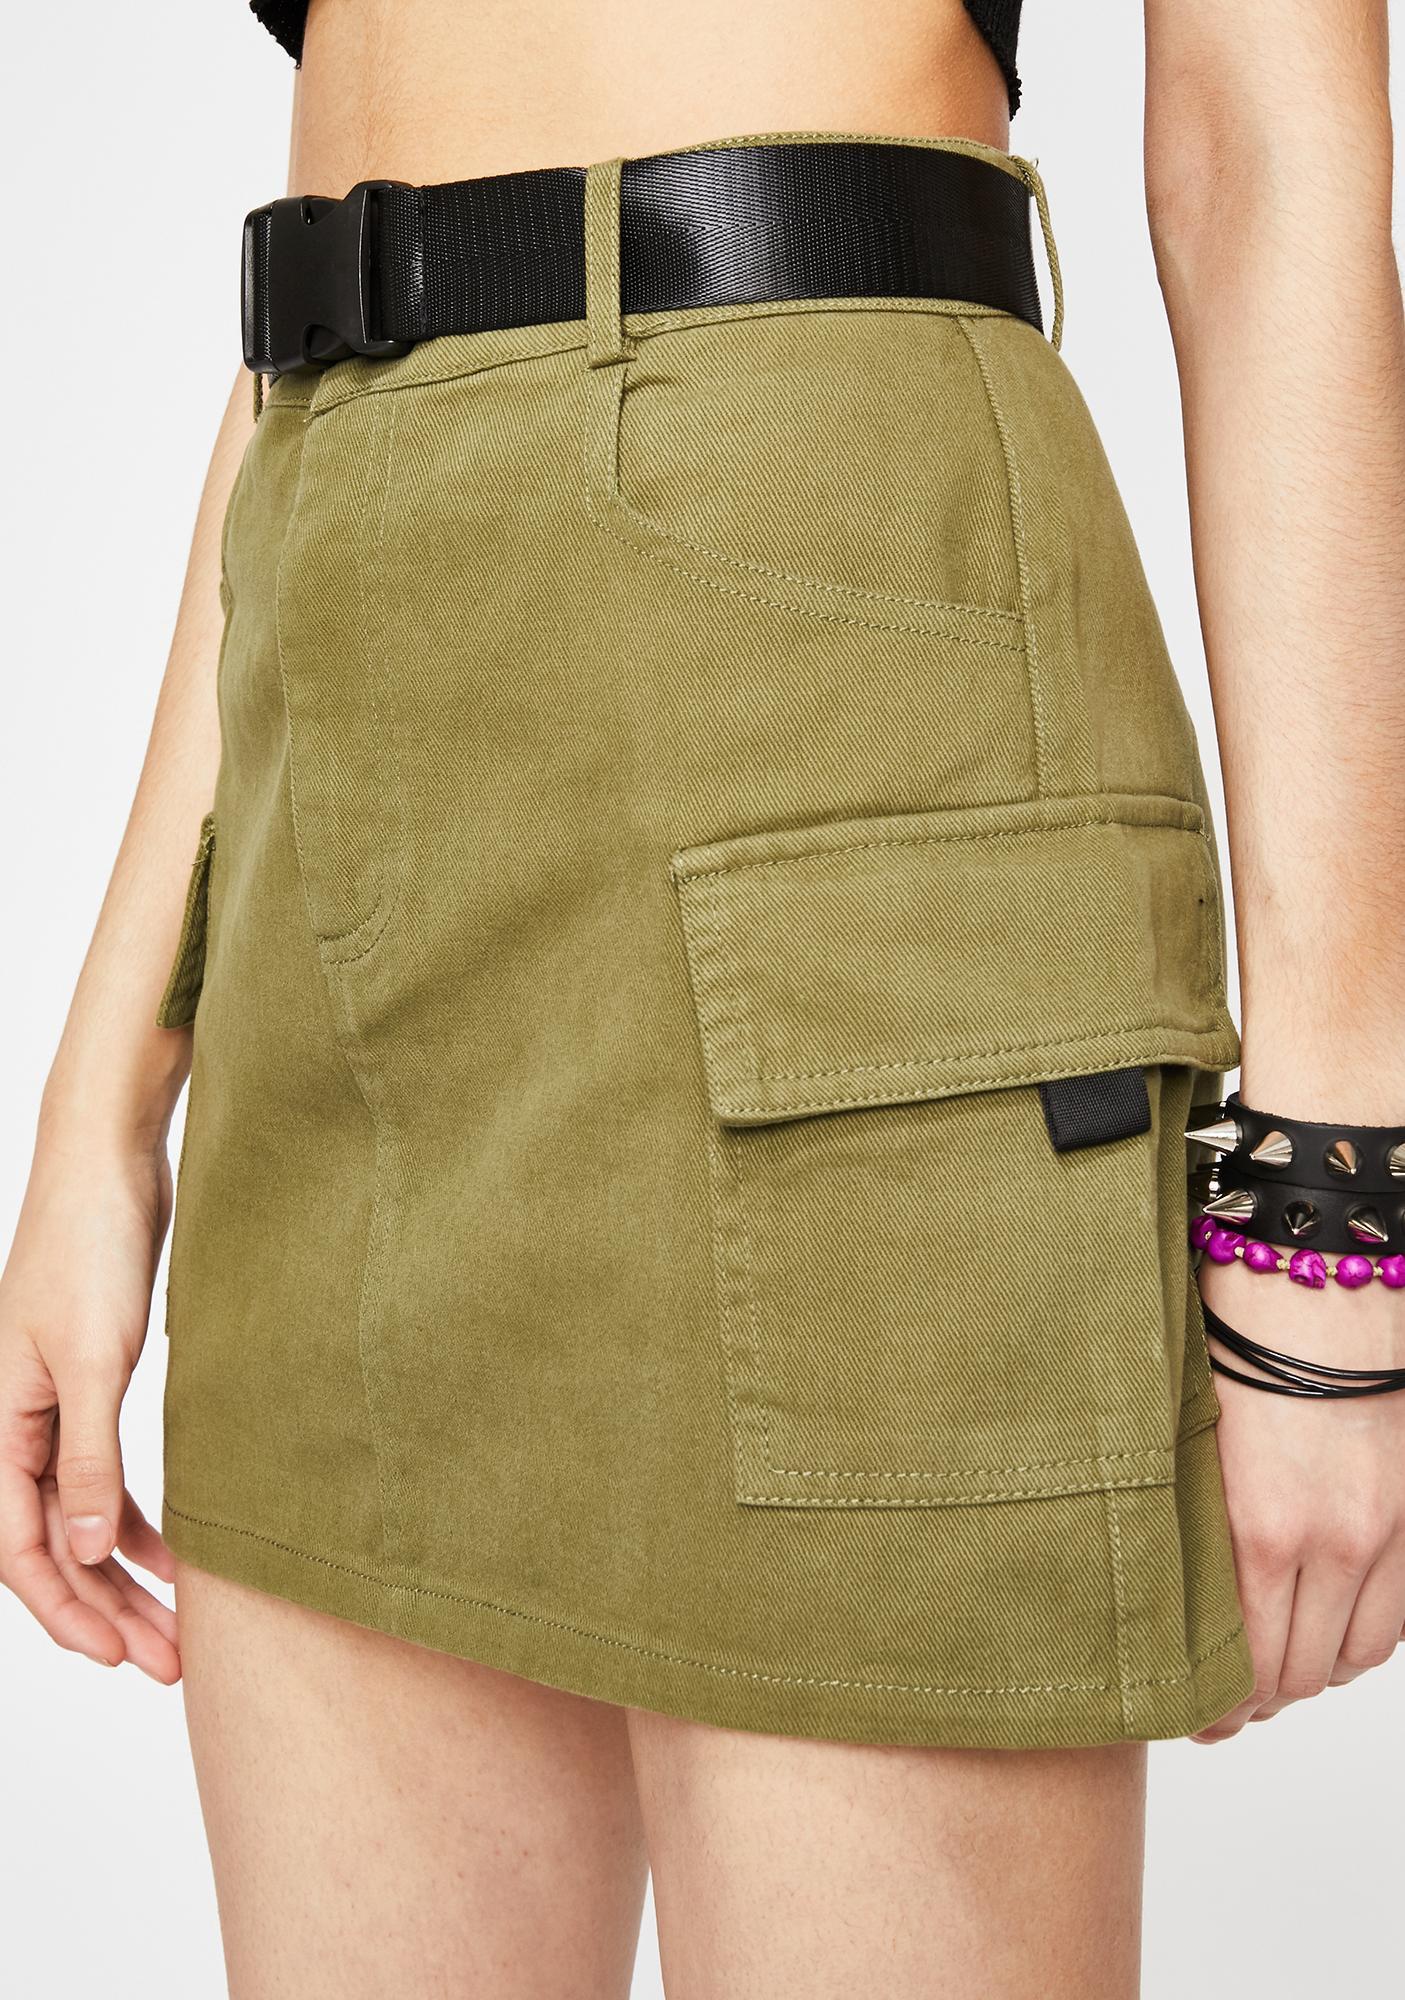 Kush On The Go Cargo Skirt